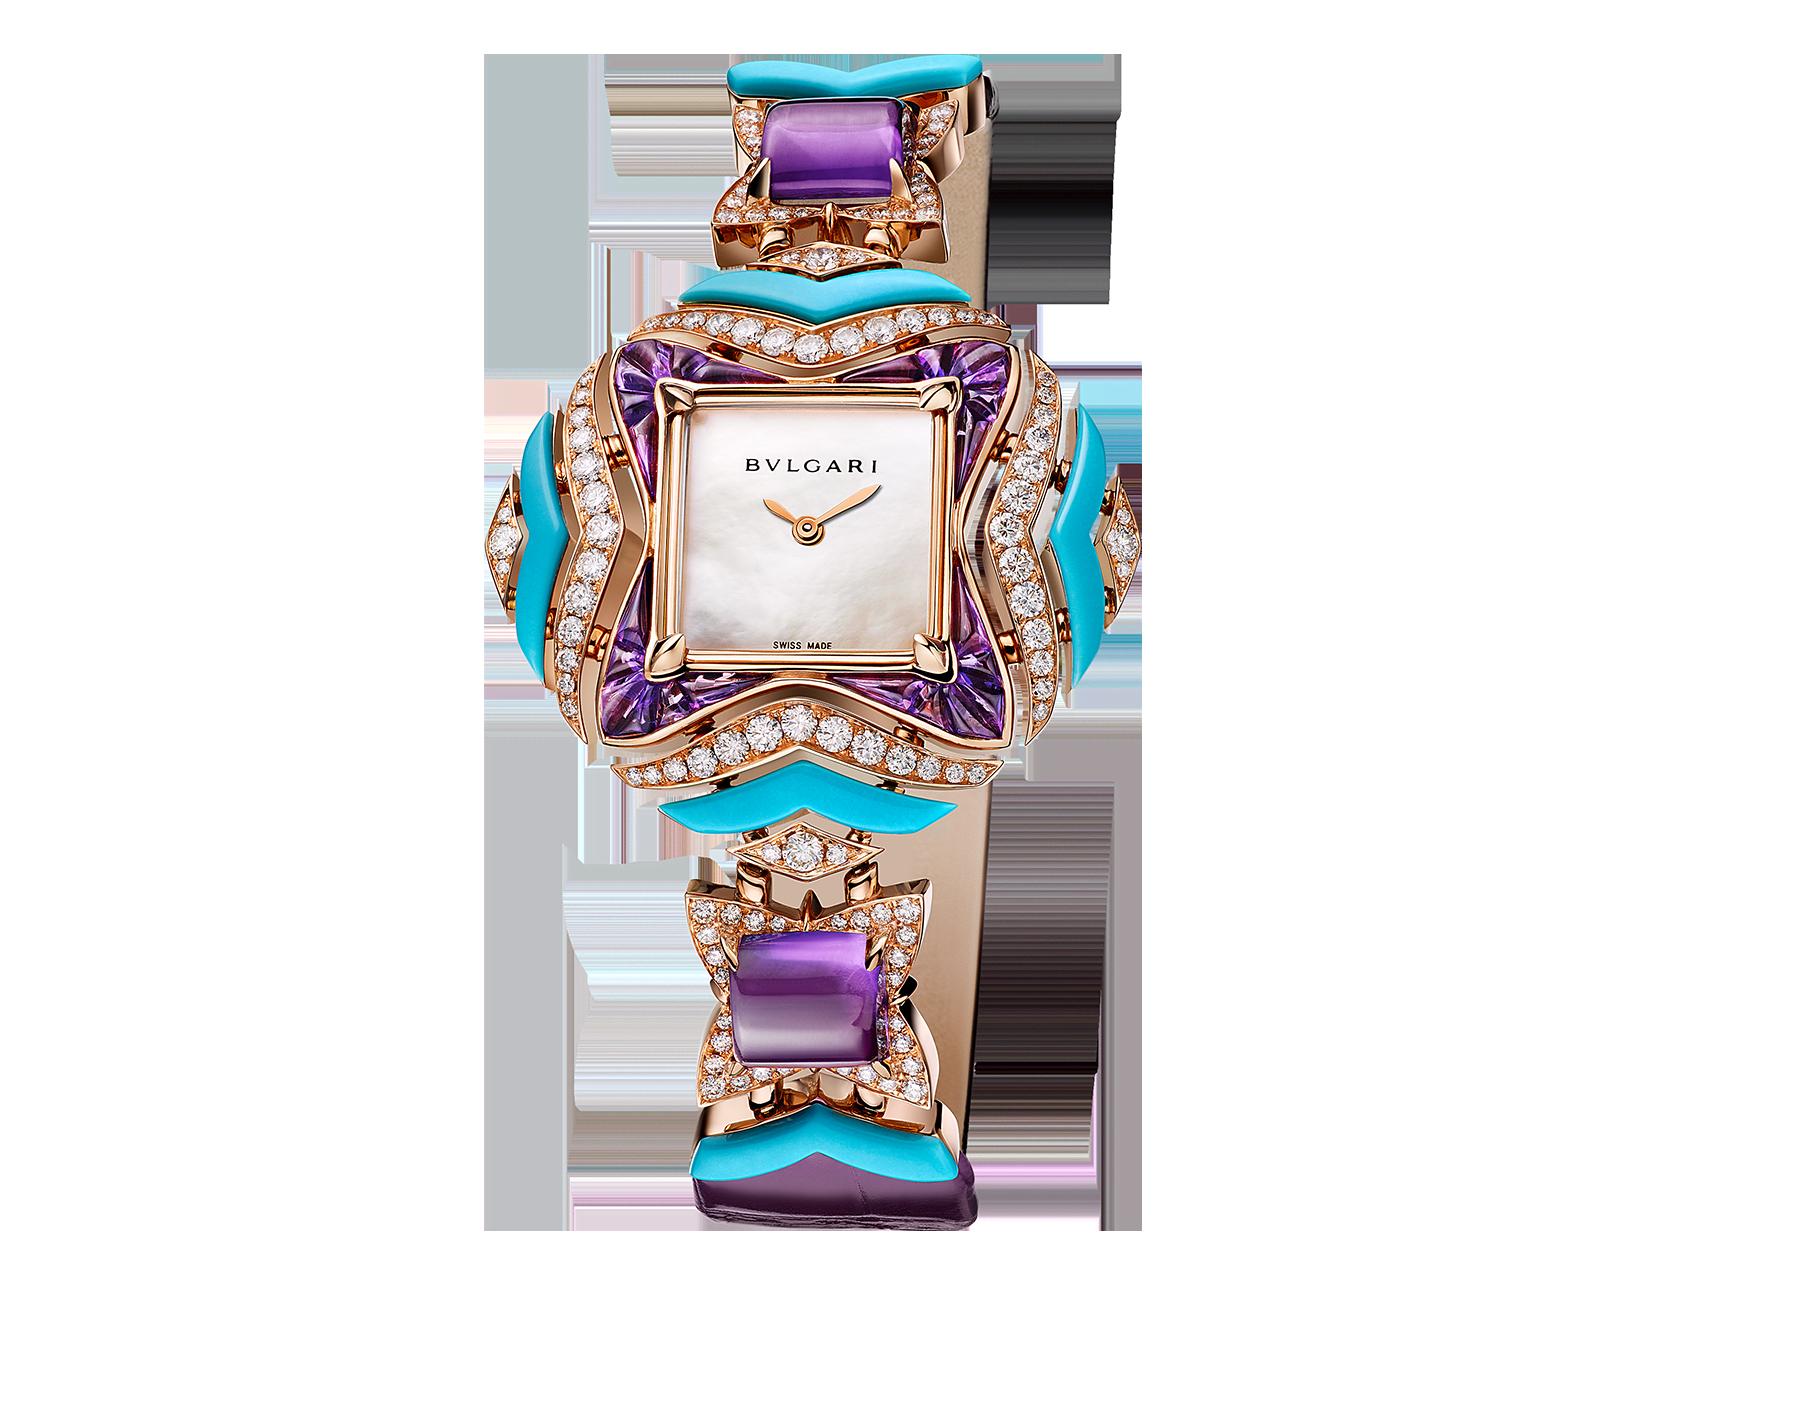 Montre MVSA avec boîtier et maillons en or rose 18K sertis de diamants taille brillant, d'améthystes taille cabochon et suiffée et de turquoises, cadran en nacre blanche et bracelet en alligator violet 102246 image 1